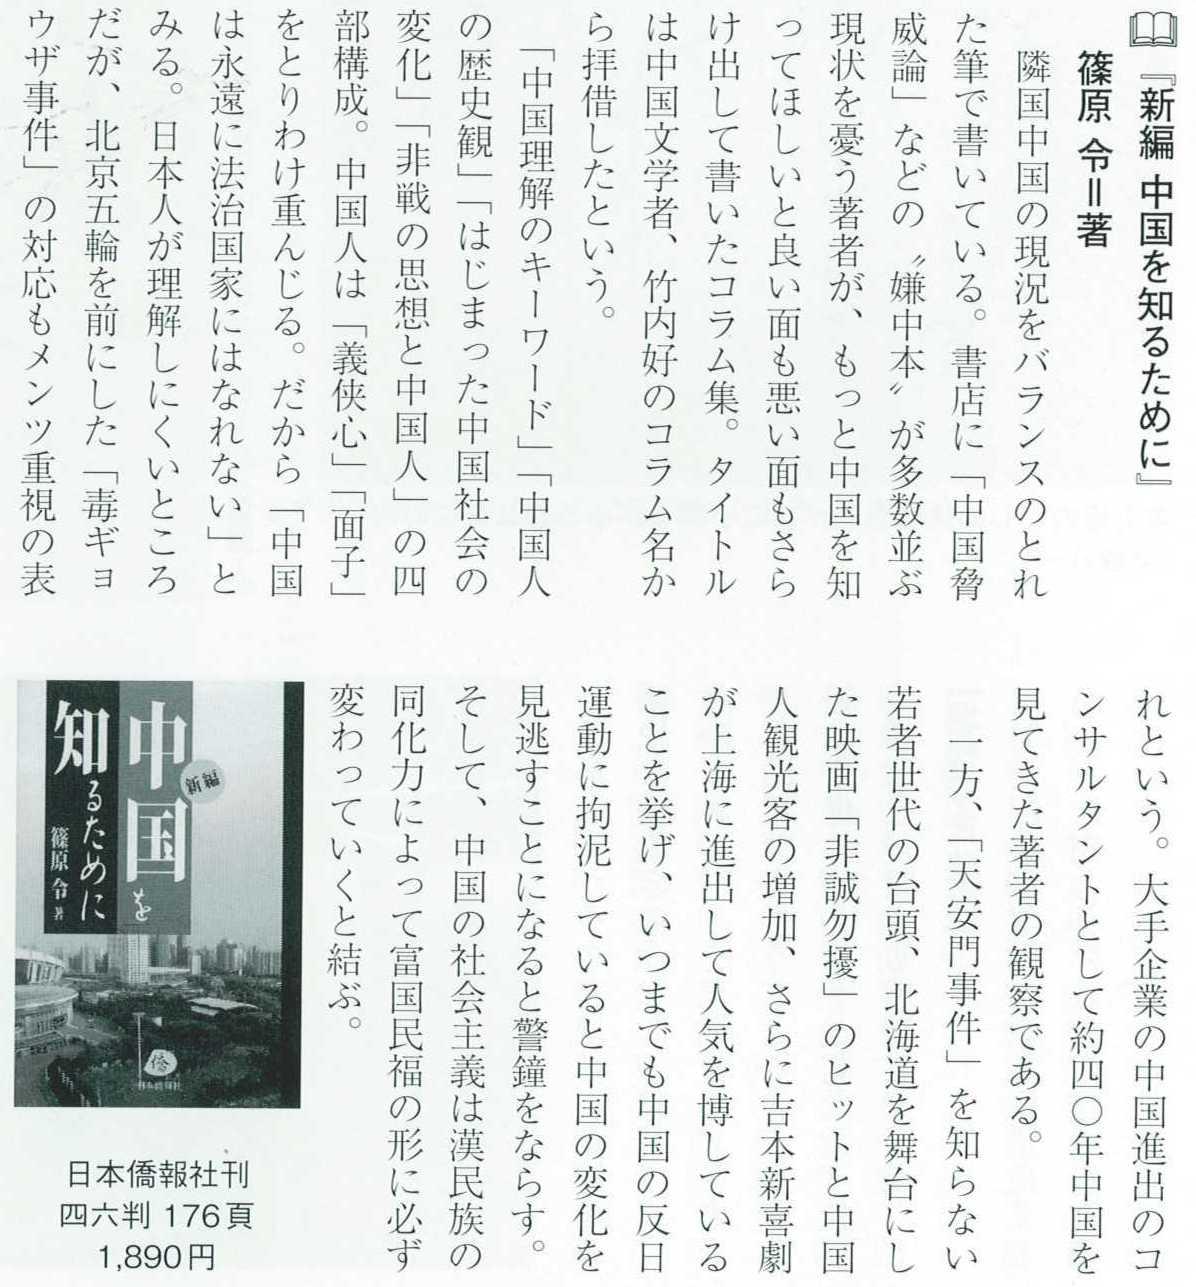 『新編・中国を知るために』書評 書道界11月号に掲載_d0027795_2313295.jpg